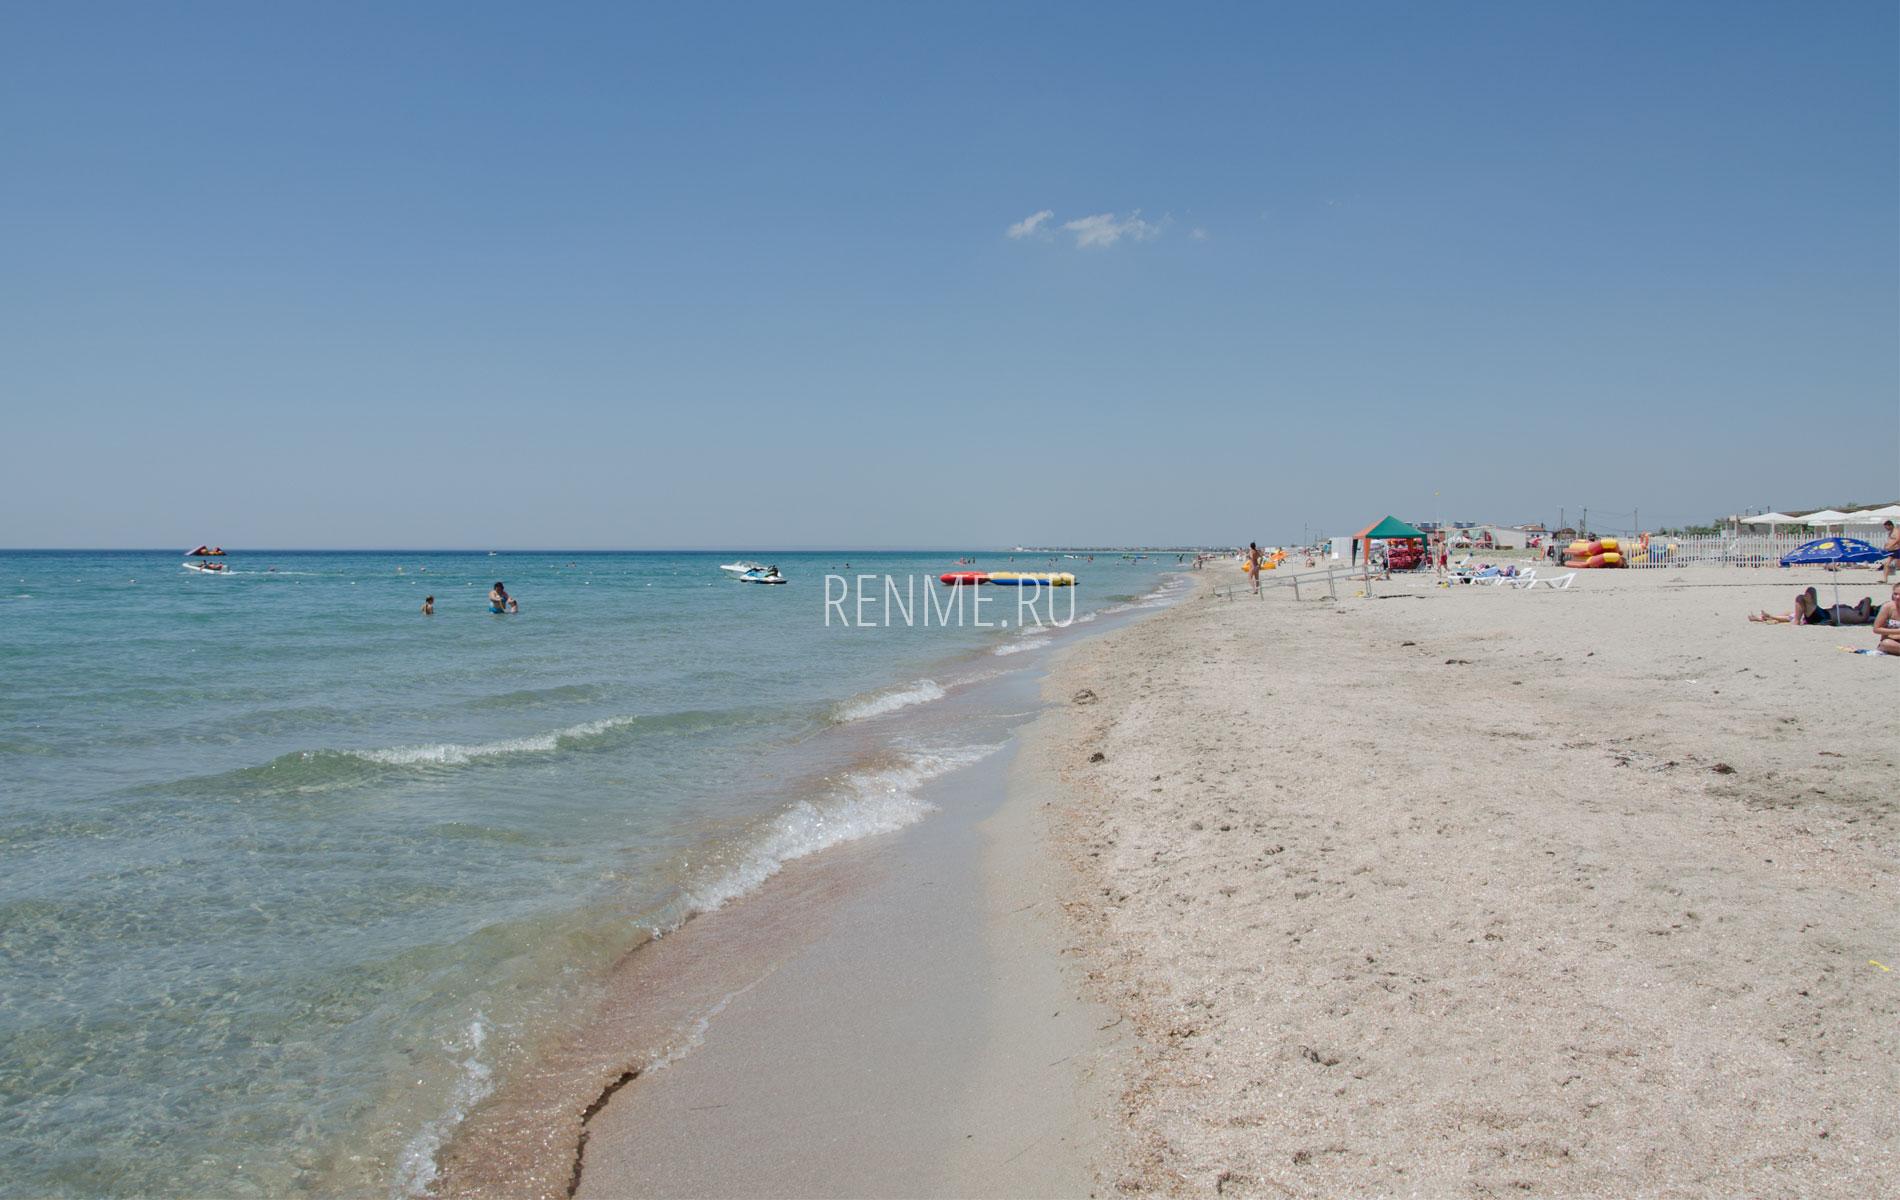 Лучший пляж с белым песком 2019. Фото Штормового